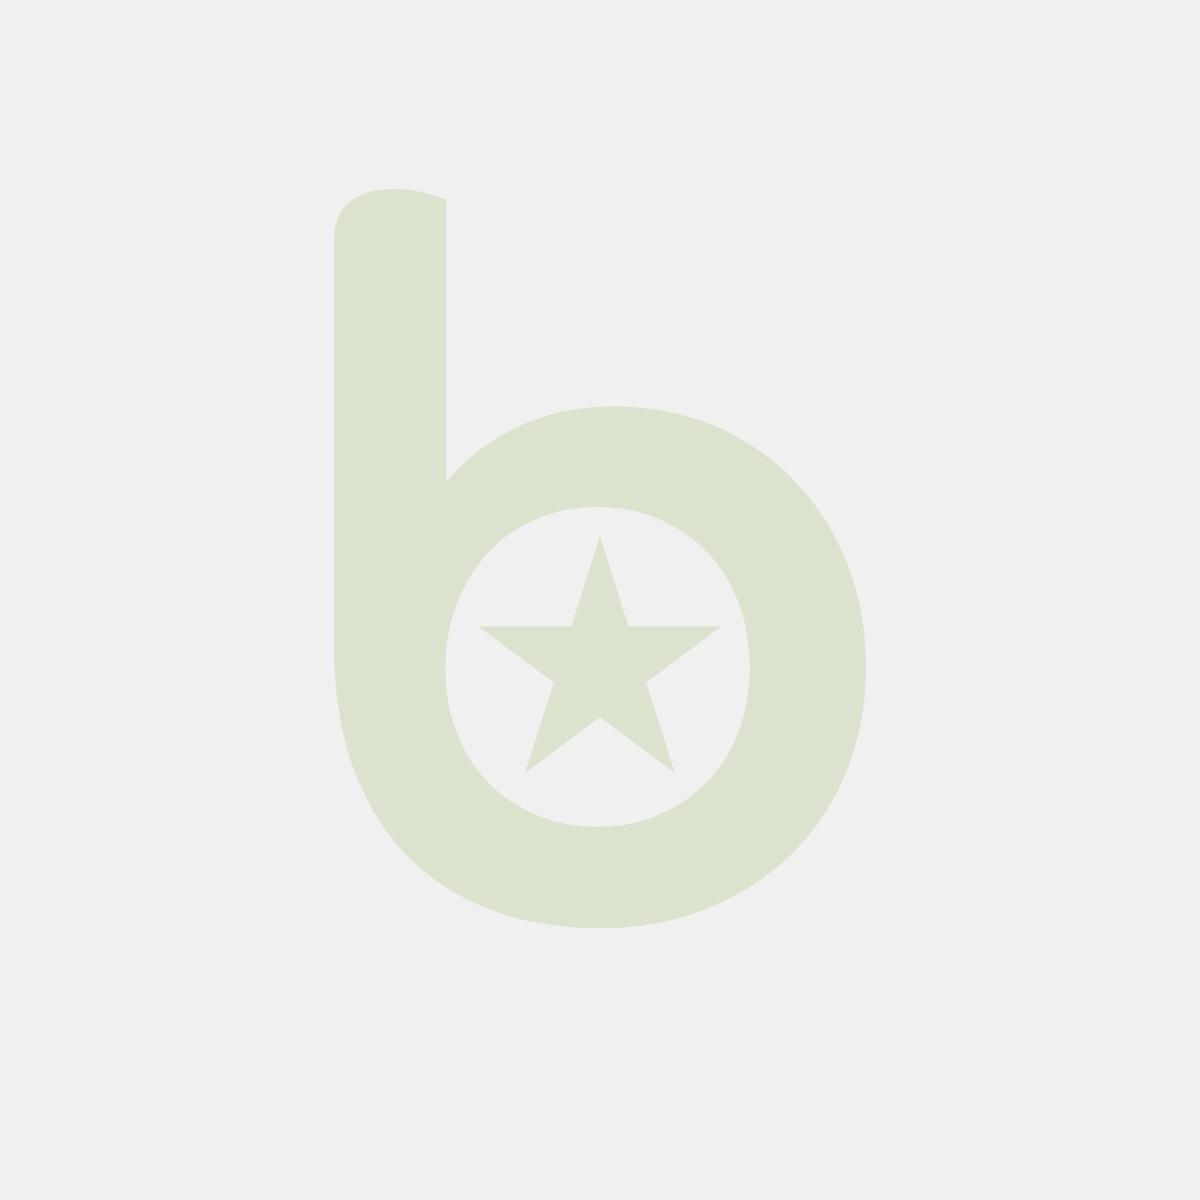 Szafy Mroźnicze Serii Budget Line Z Obudową Ze Stali Malowanej 340